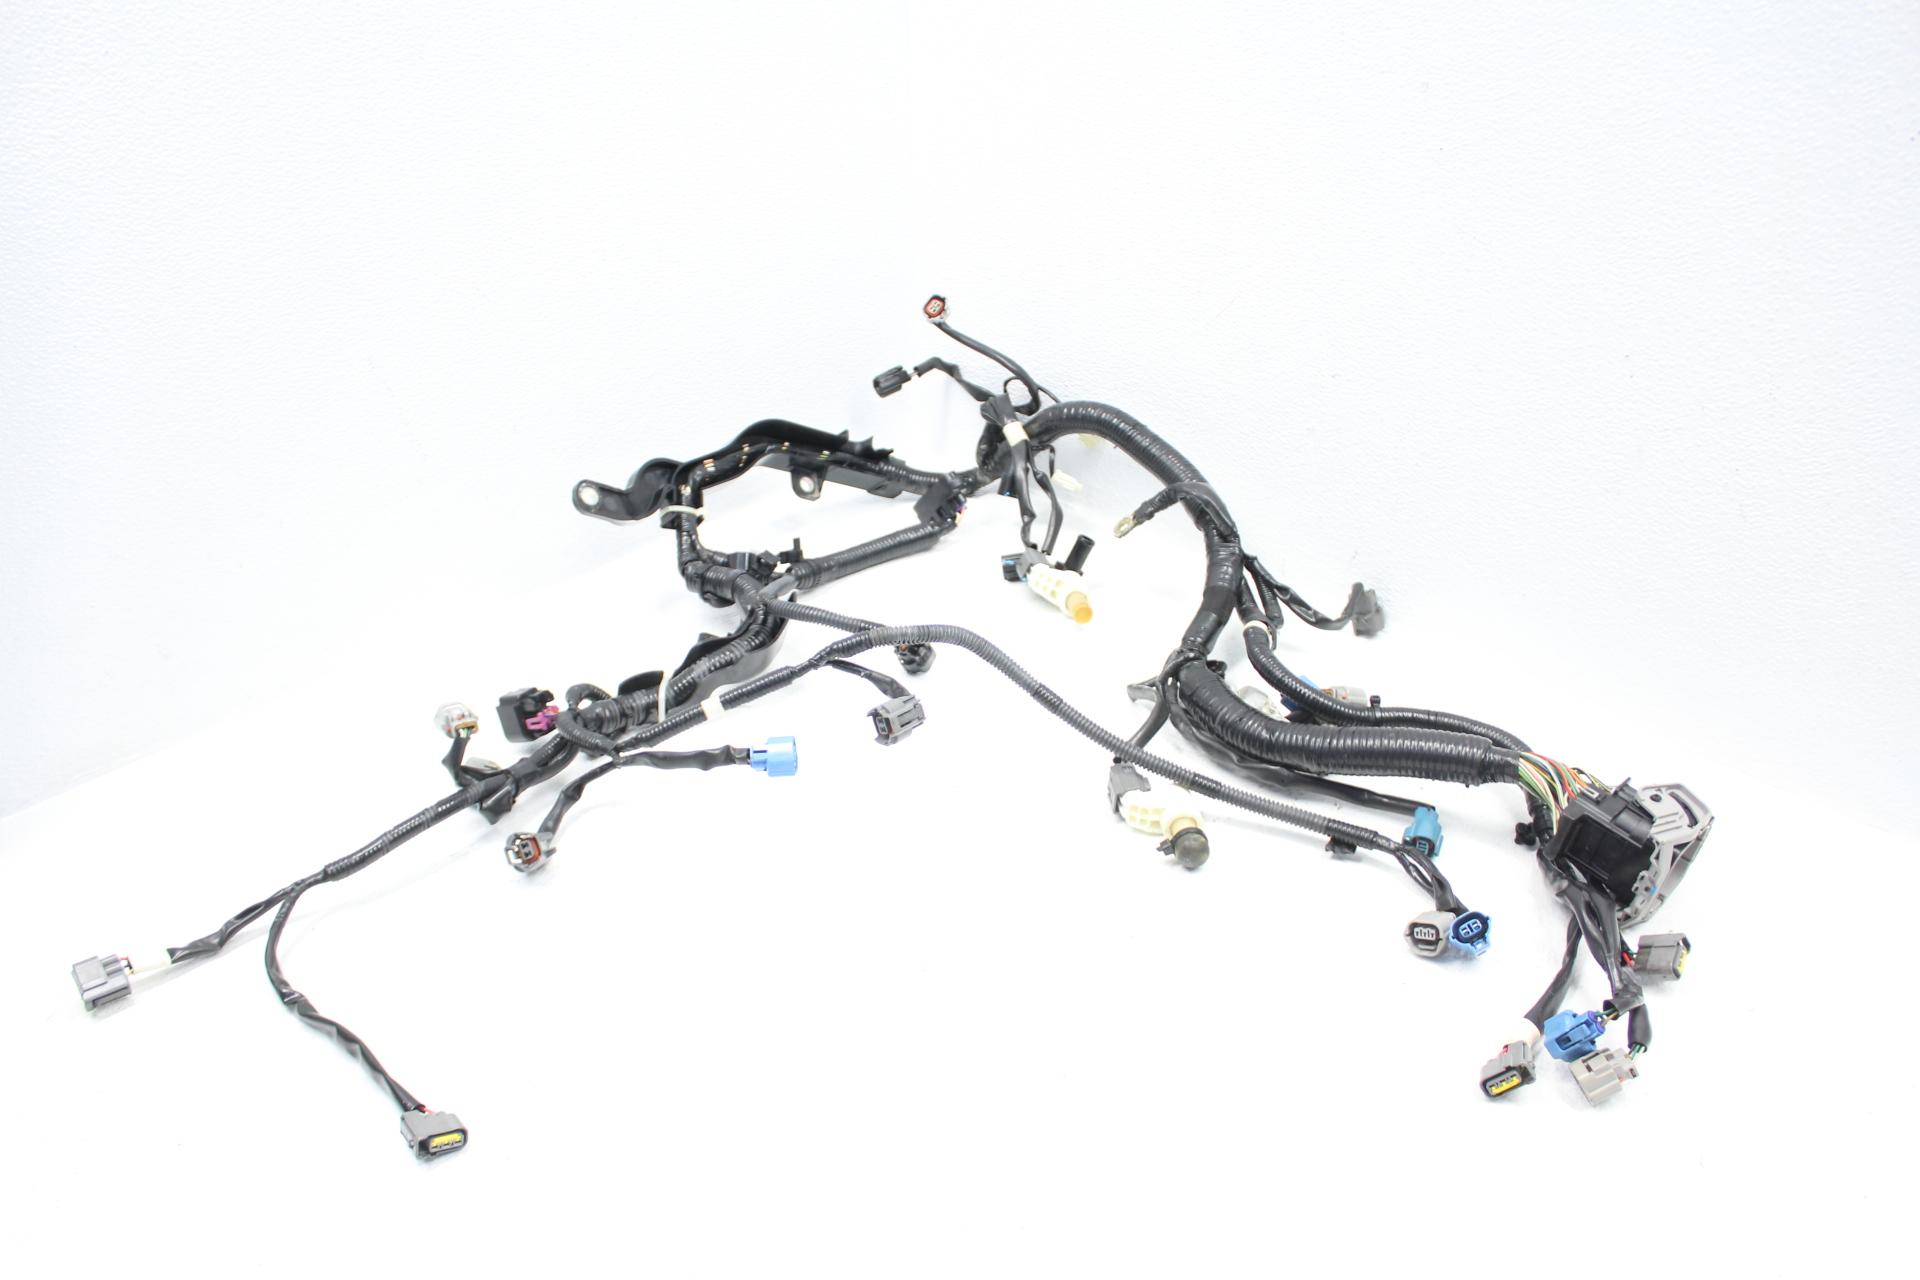 08-14 2008-2014 SUBARU WRX STI ENGINE WIRE WIRING HARNESS